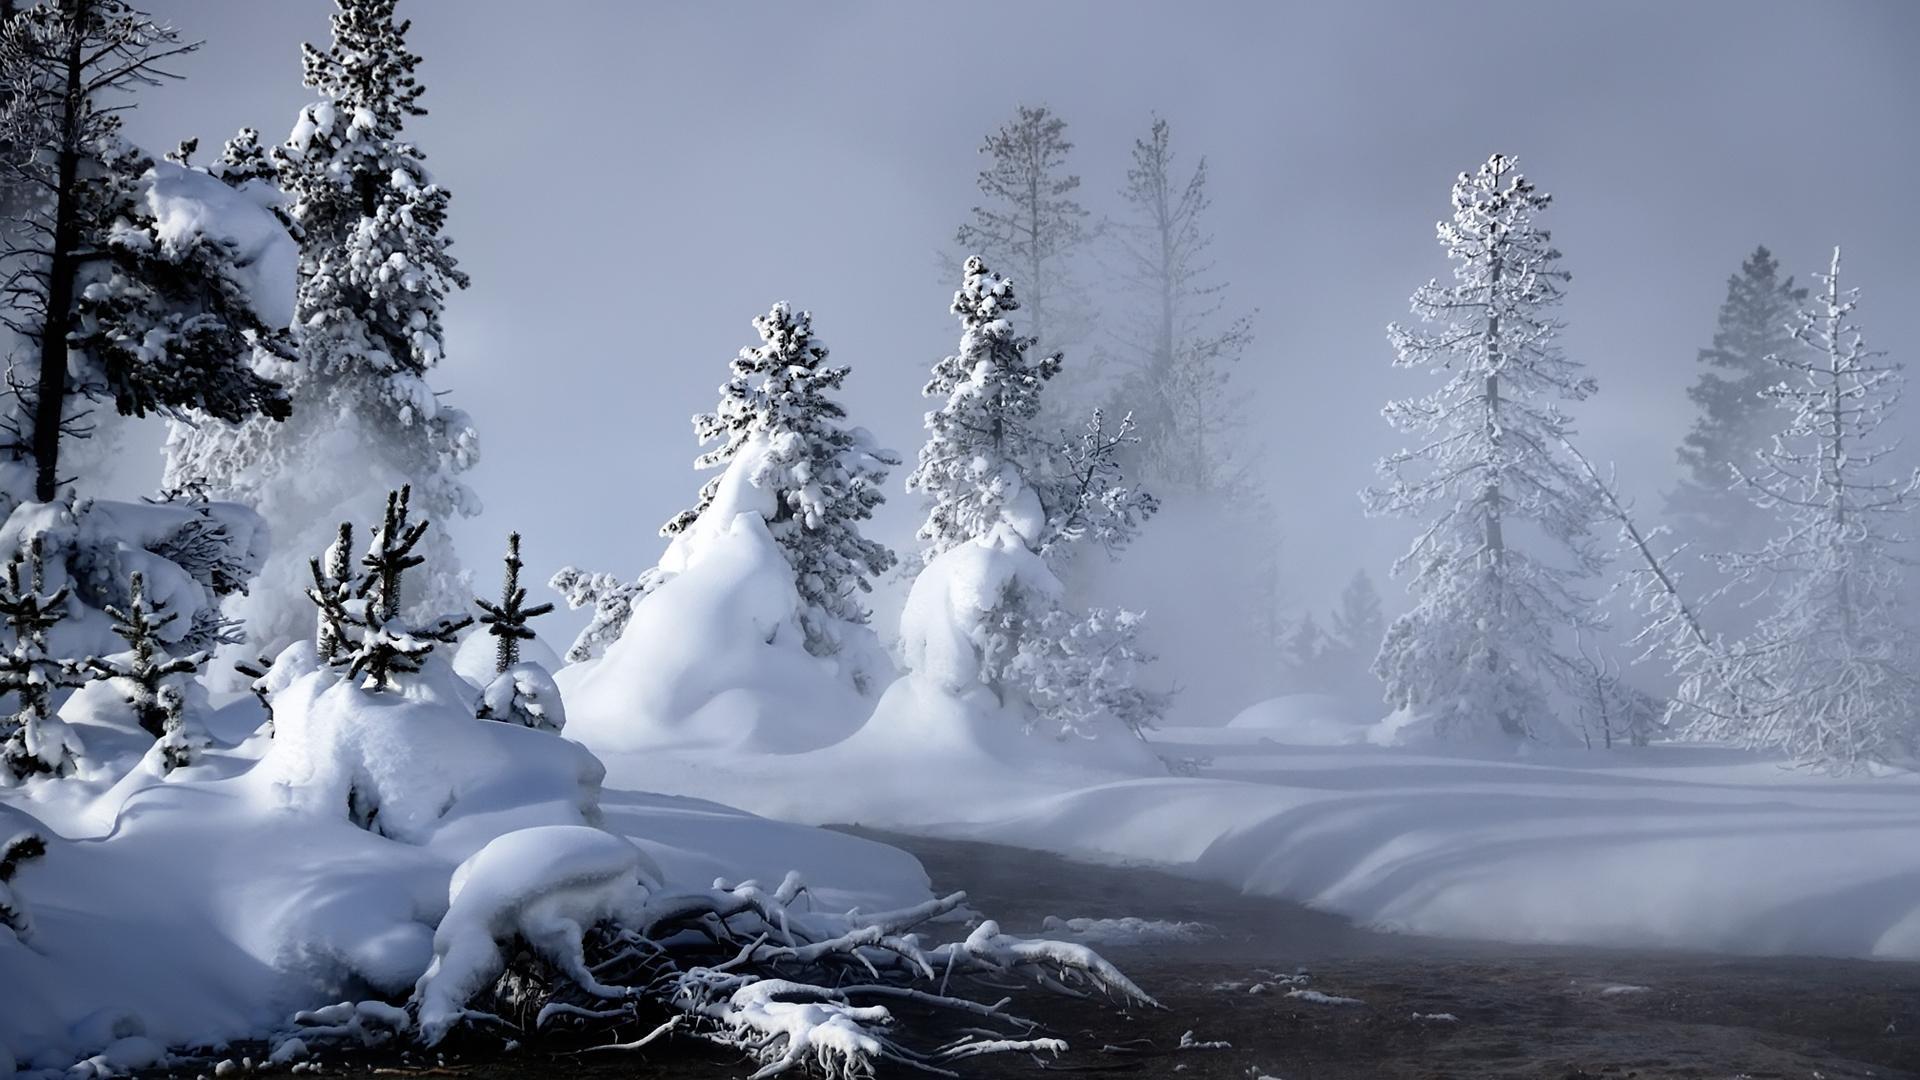 winter desktop walpaper – https://hdwallpaper.info/winter-desktop-walpaper/  HD Wallpapers   HD Wallpapers   Pinterest   Winter